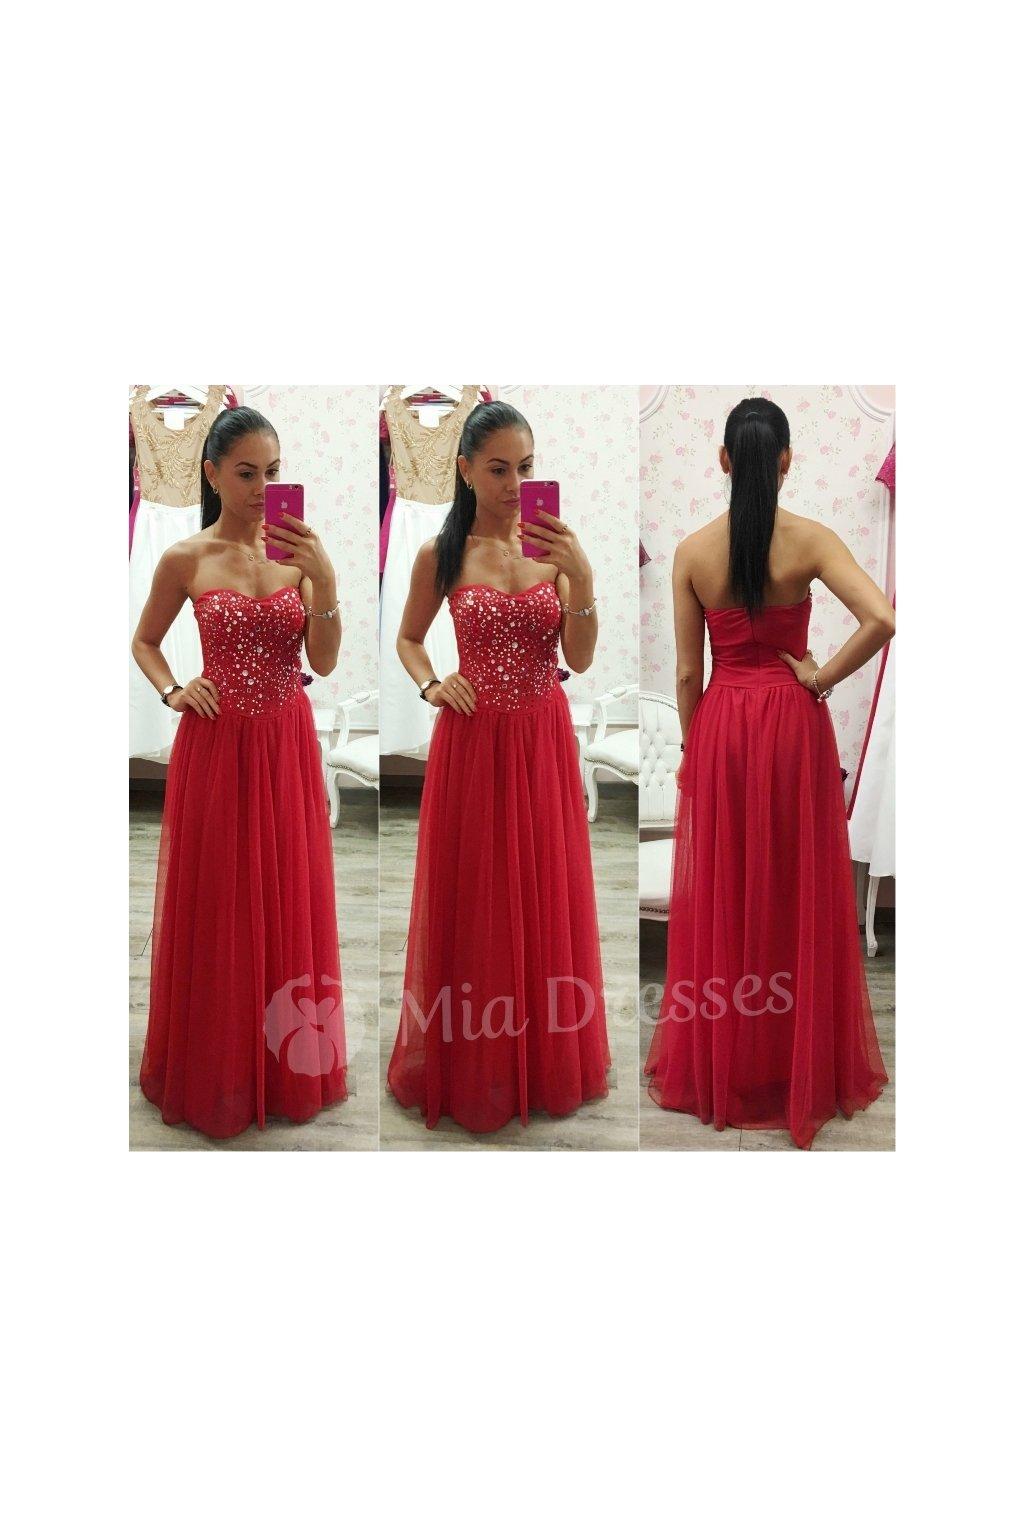 7c3a802d0b73 Červené spoločenské šaty s kamienkami - Mia Dresses